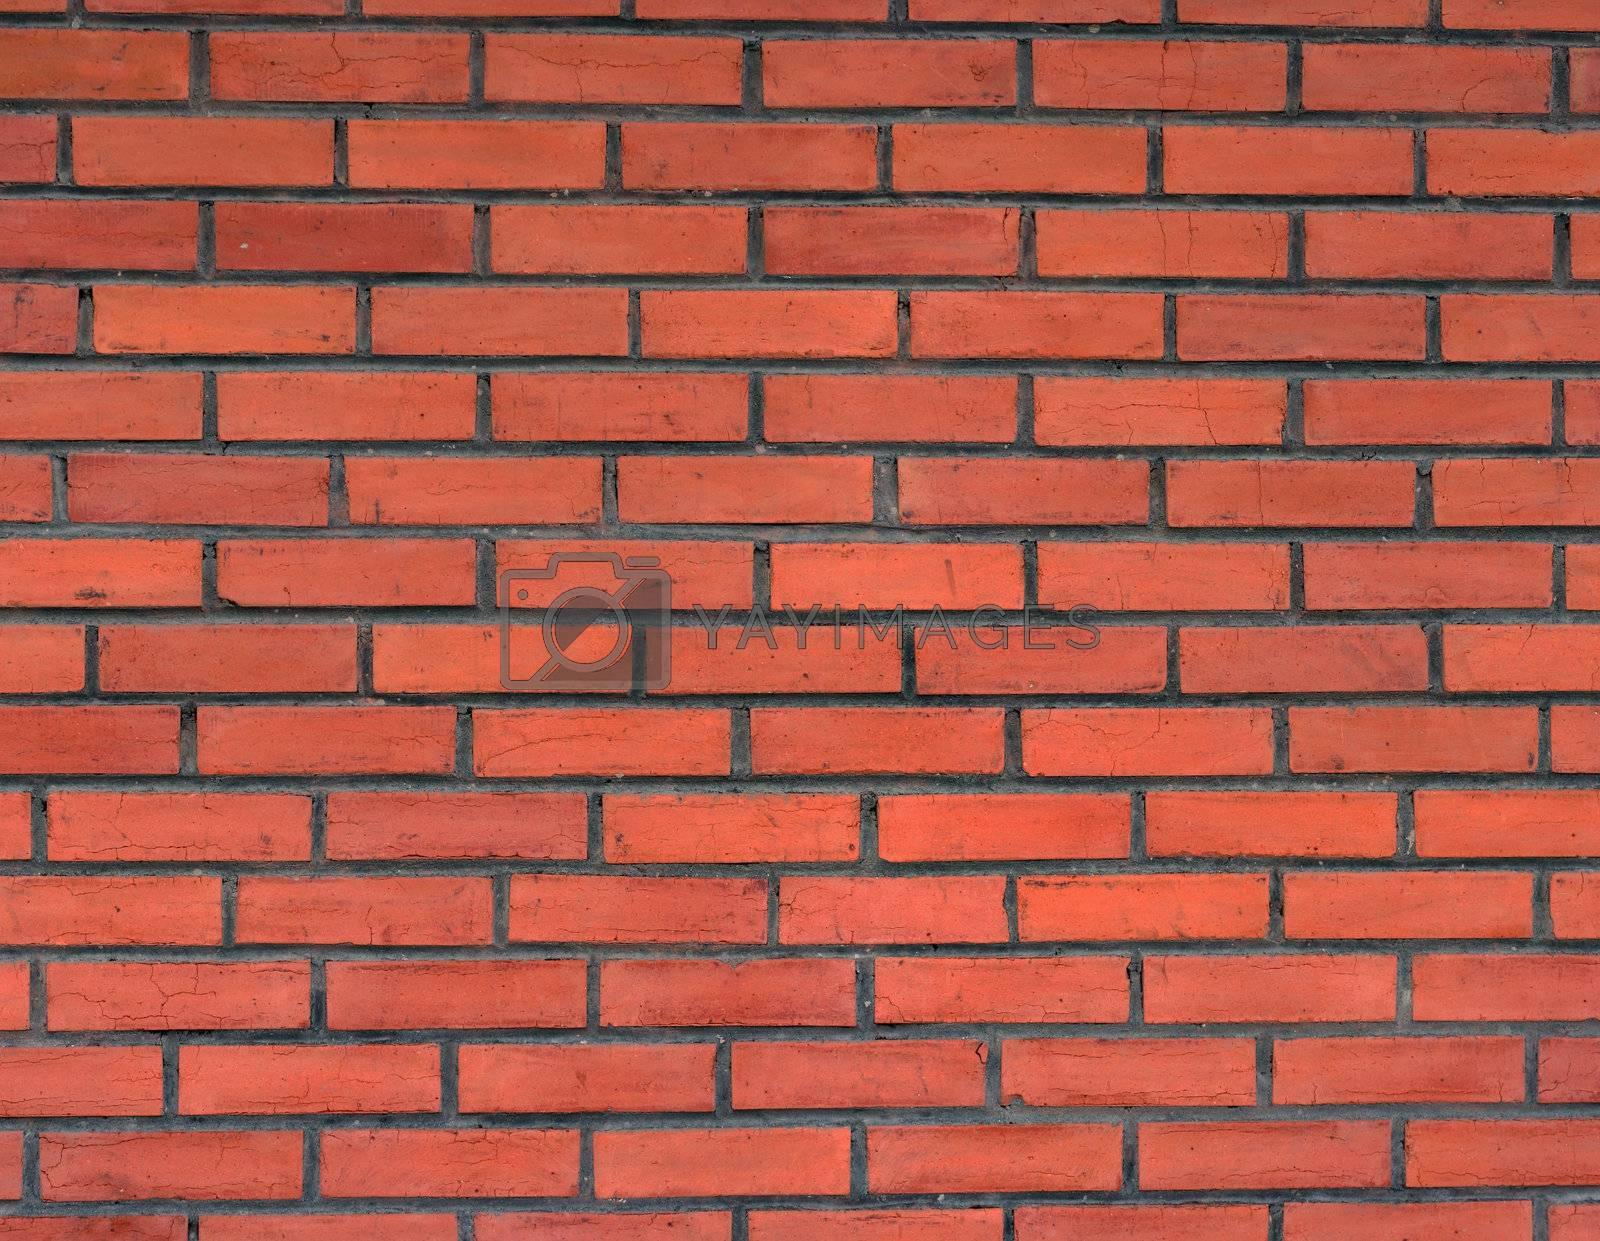 new wall made of clay bricks